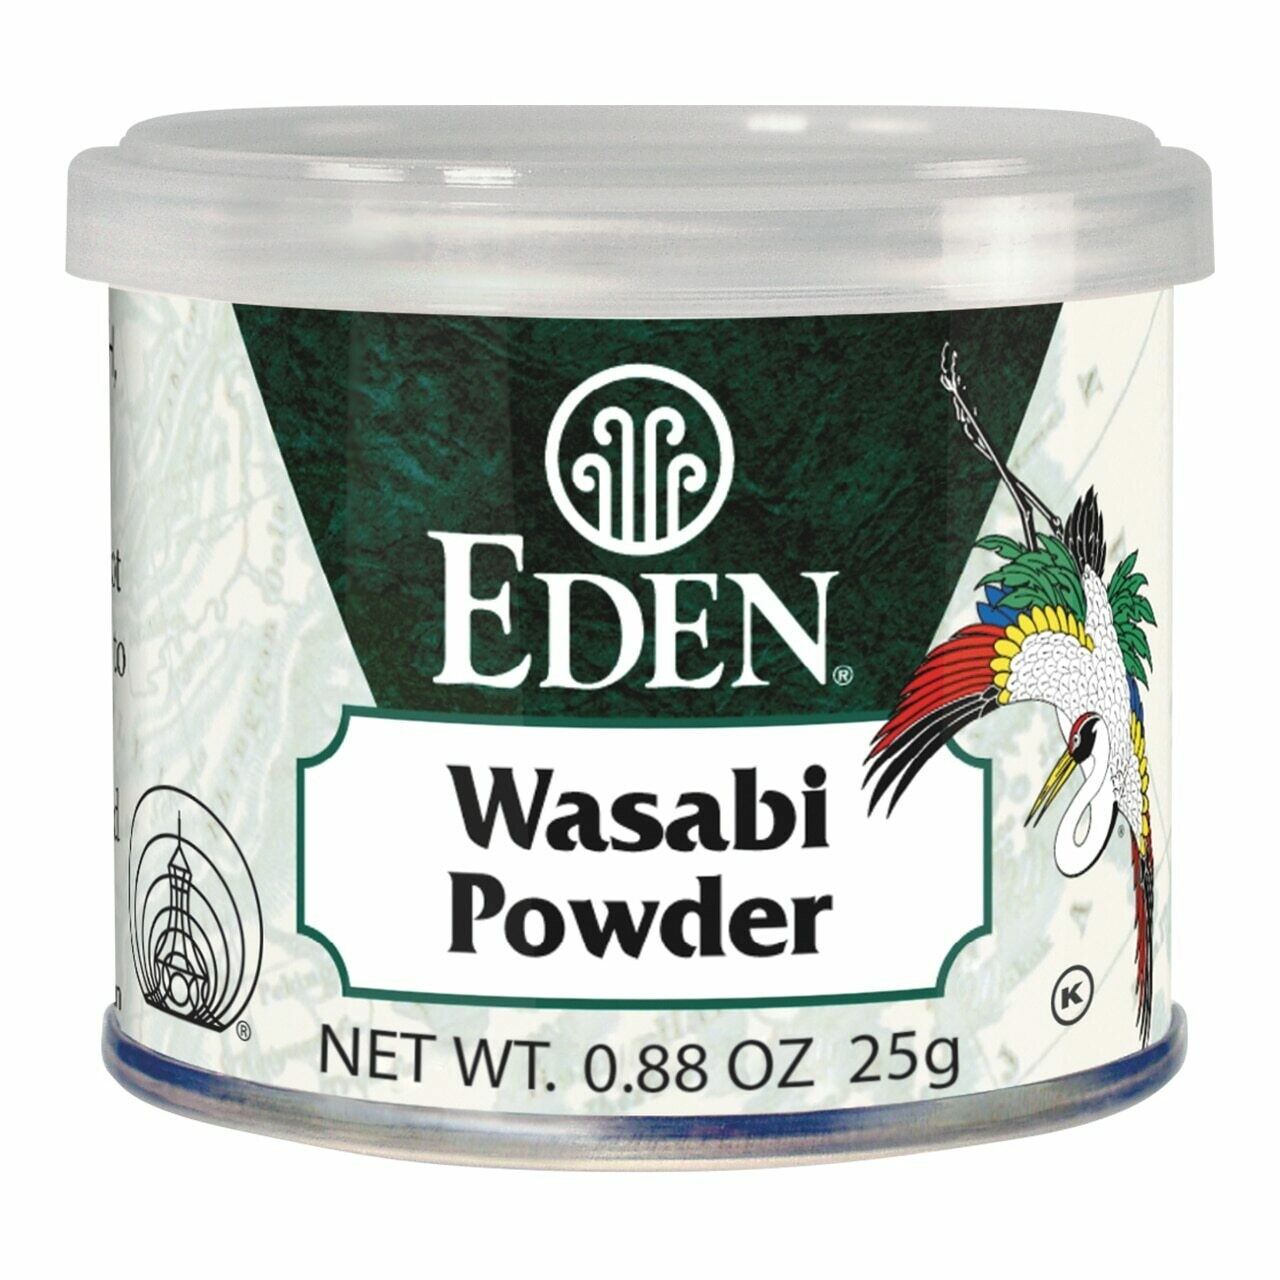 Eden Wasabi Powder  25g